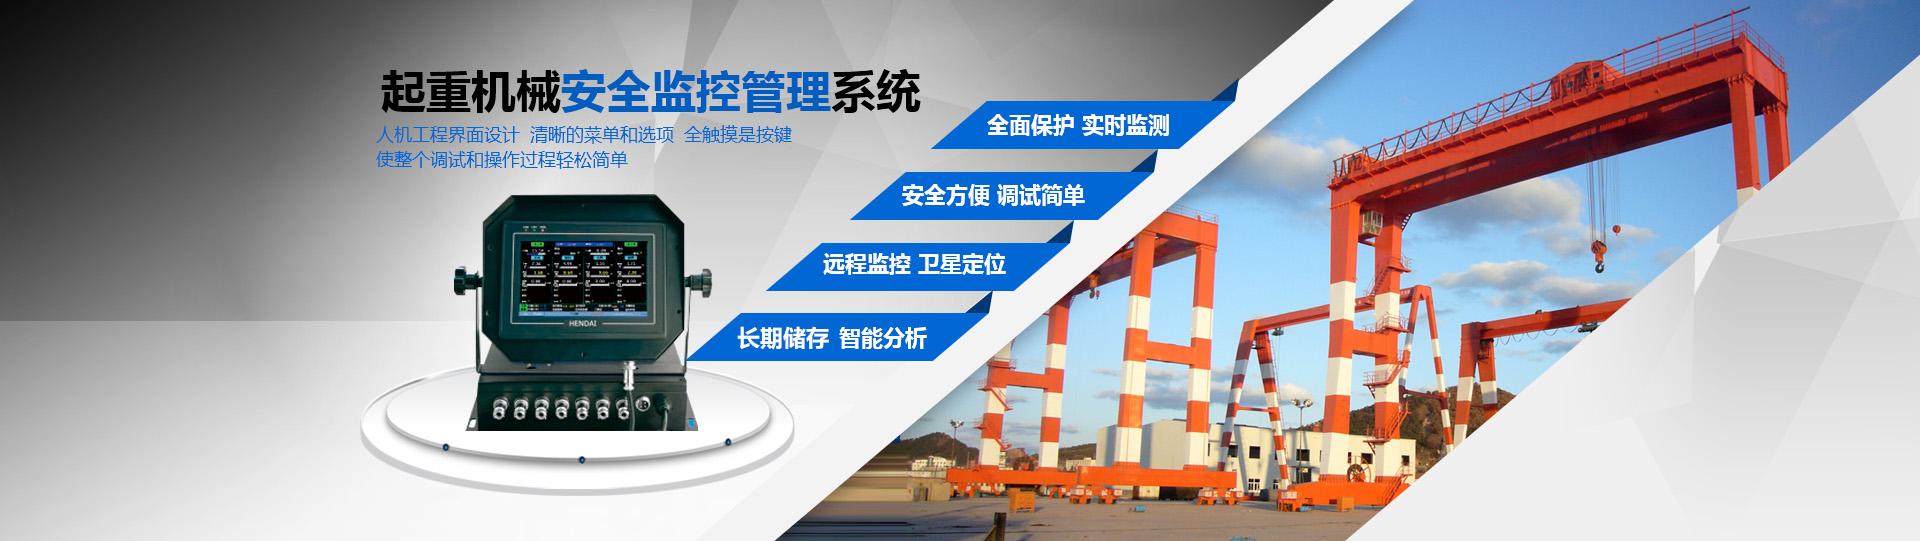 河南恒达机电设备有限公司